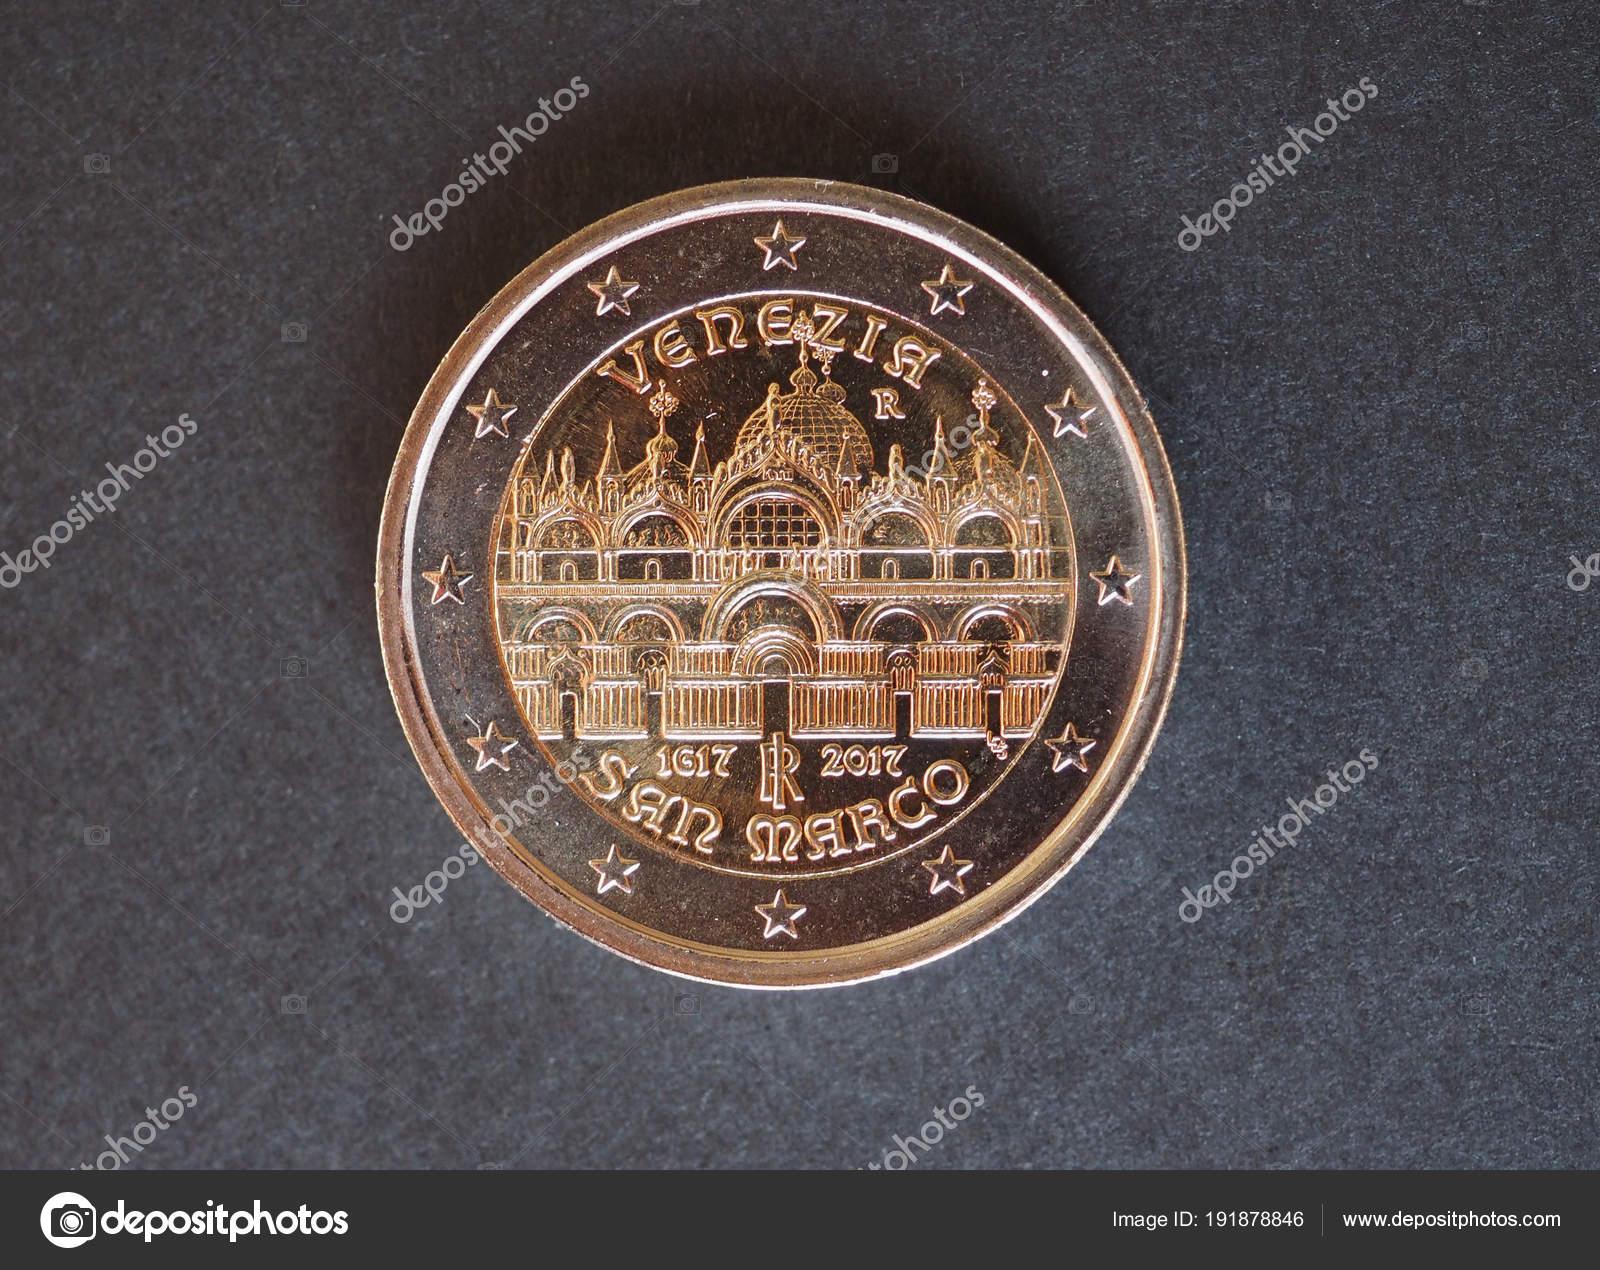 2 Euro Münze Europäische Union Stockfoto Route66 191878846